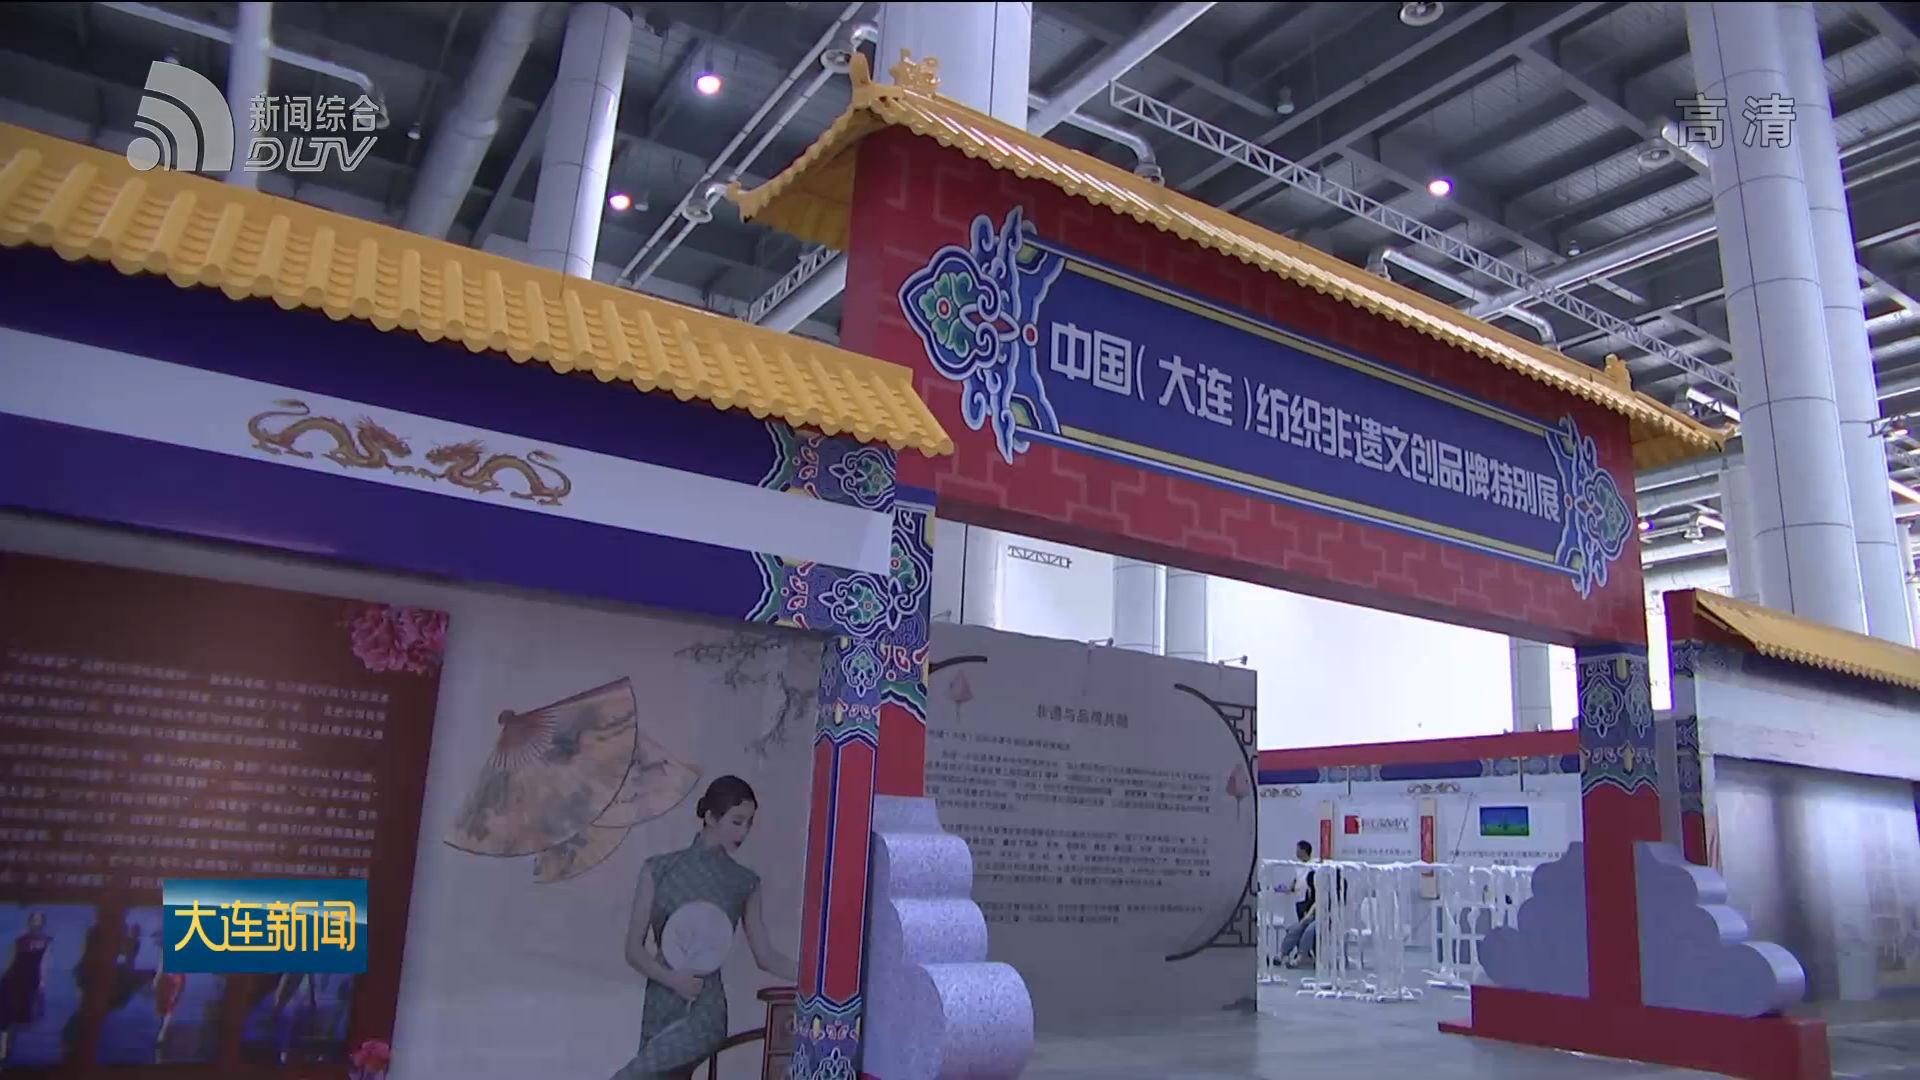 中国(大连)国际服装纺织品博览会将启幕